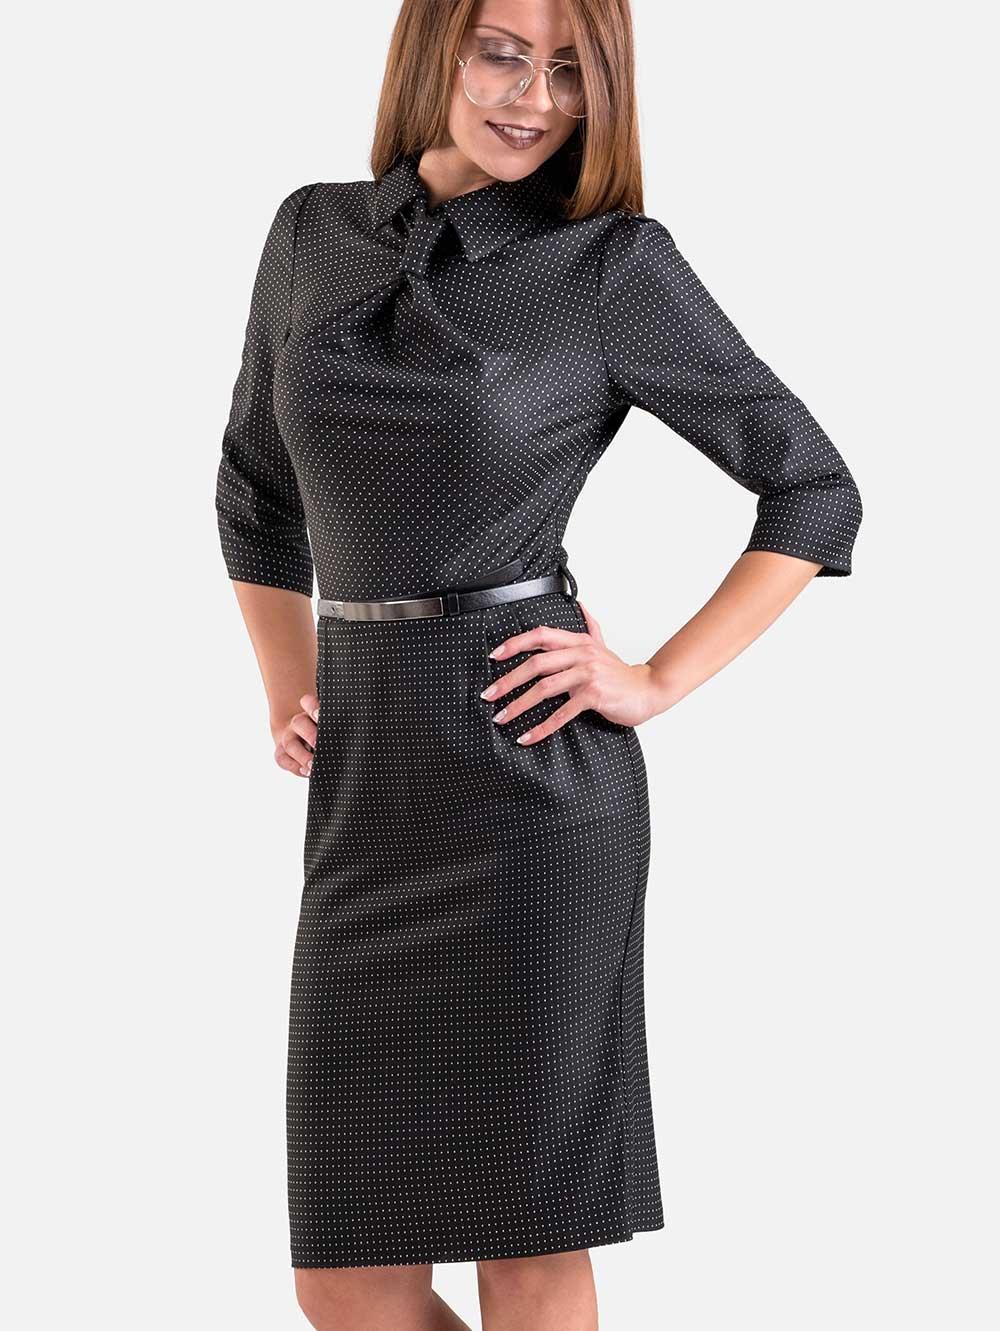 3c7eae0852d Черна рокля с имитация на вратовръзка | Елегантни рокли от INDIGO Fashion